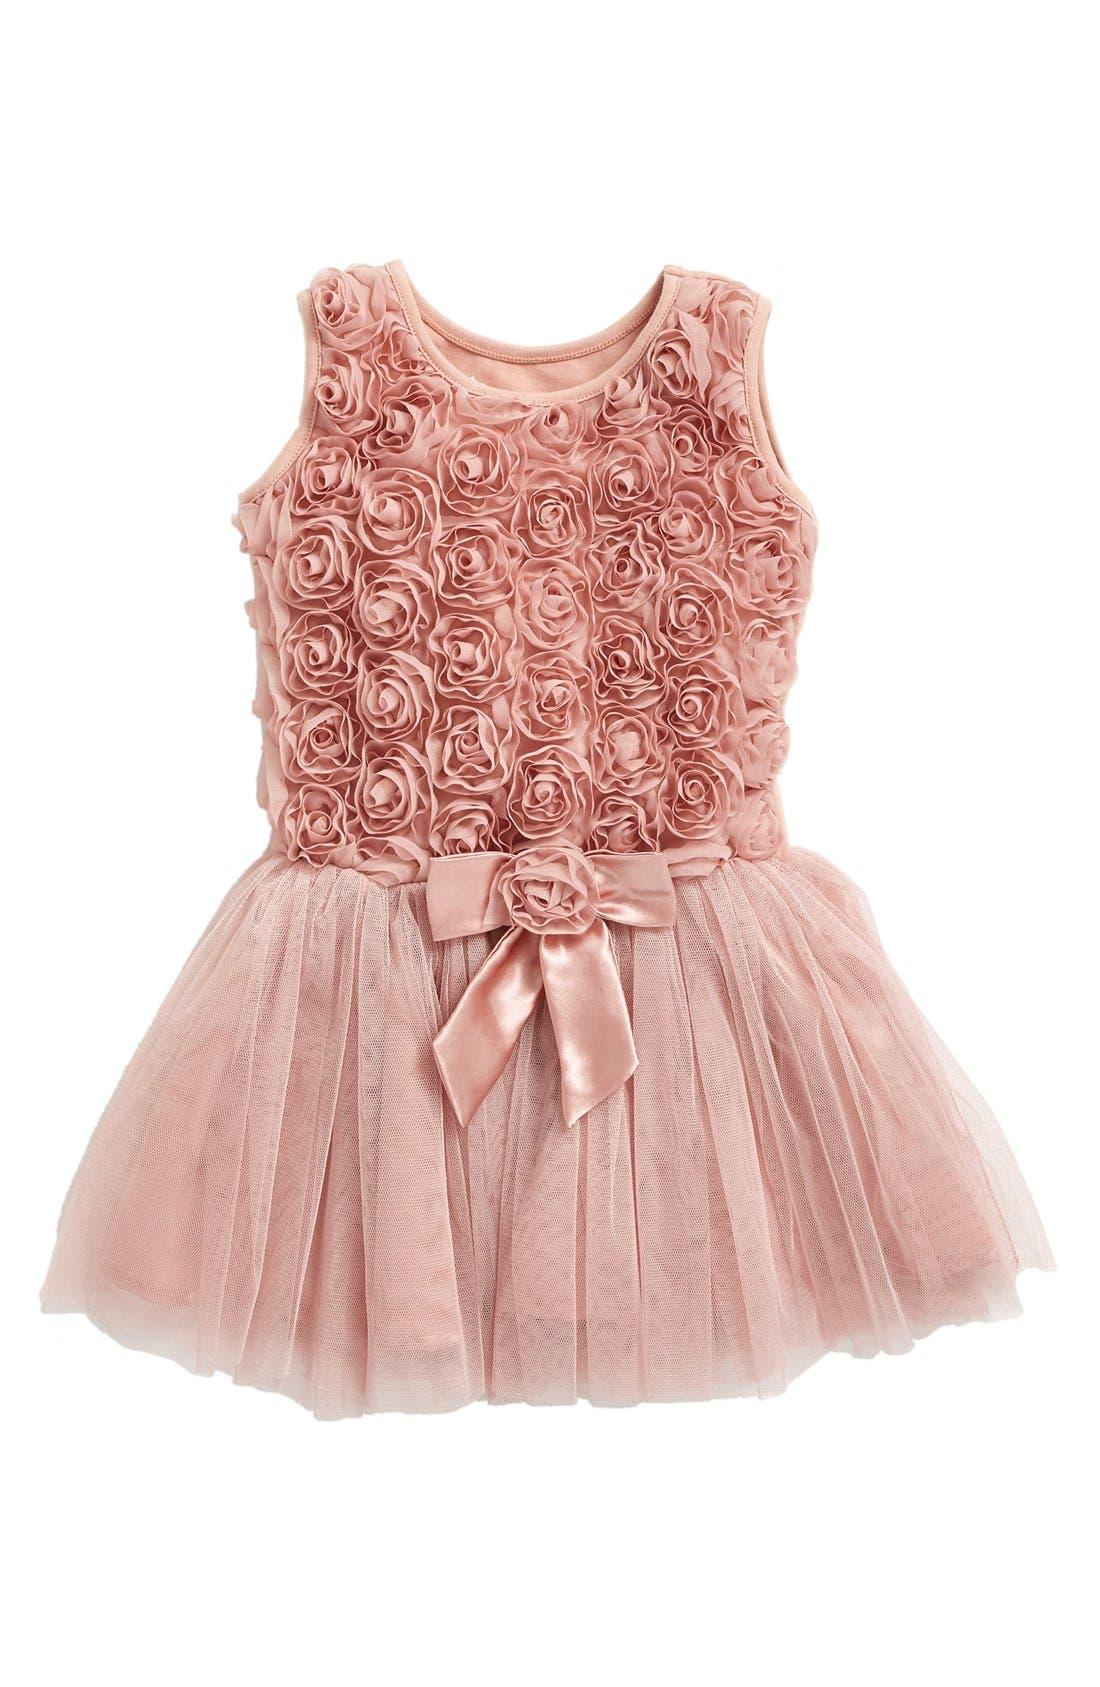 POPATU, Ribbon Rosette Tutu Dress, Main thumbnail 1, color, DUSTY PINK